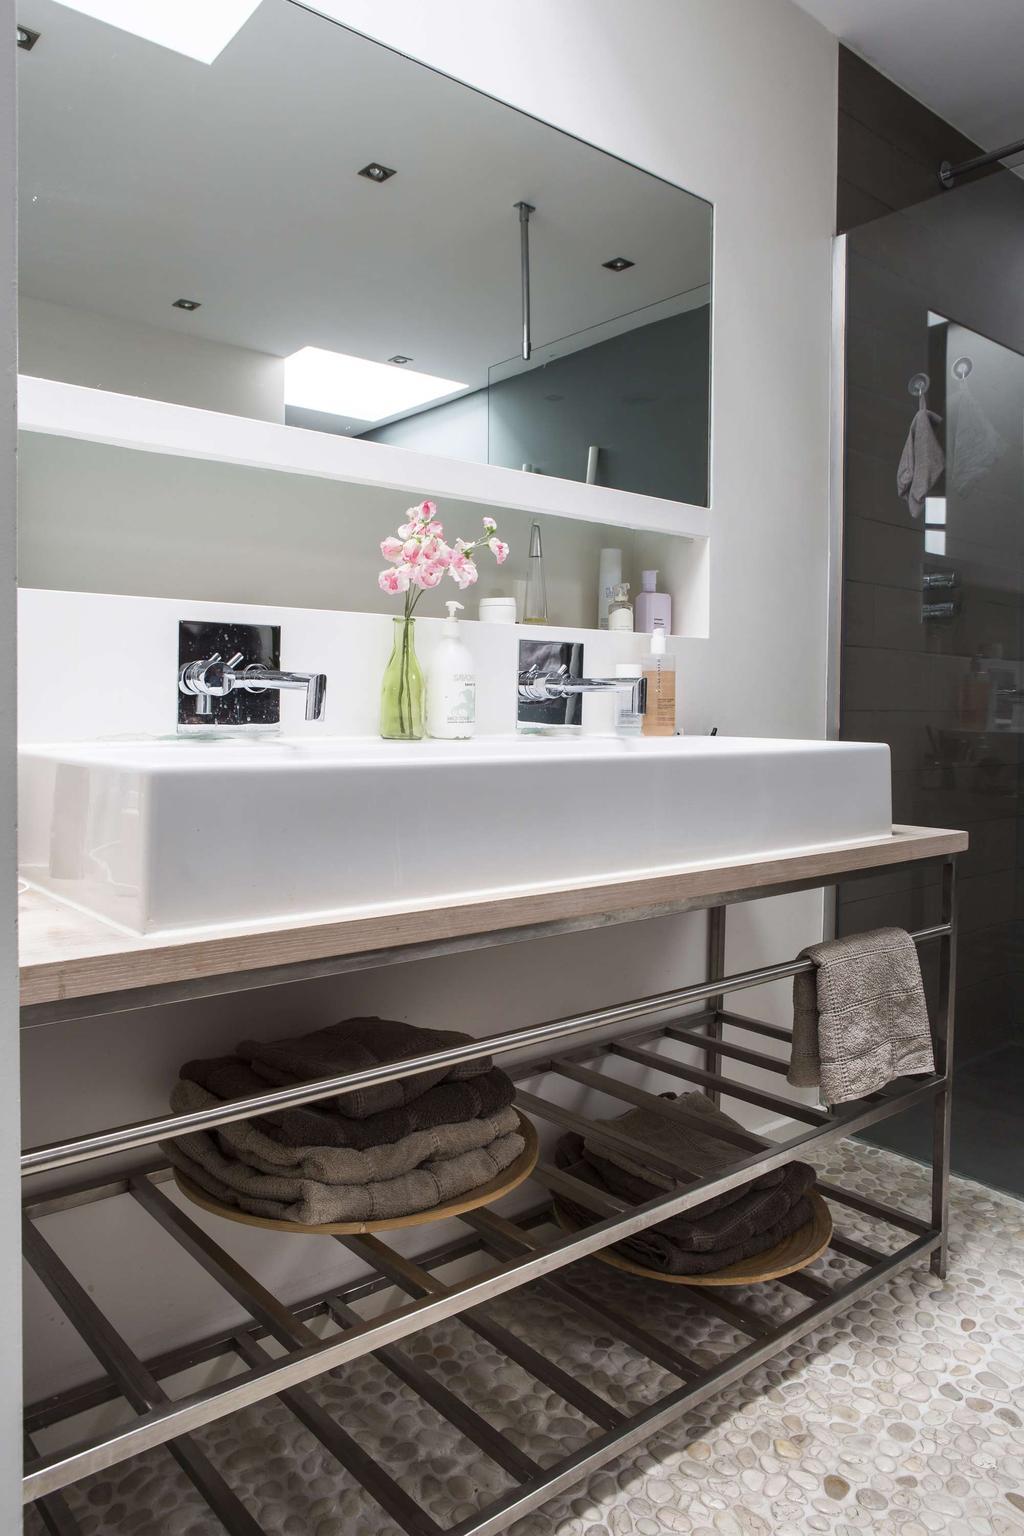 Keuken met witte wasbak